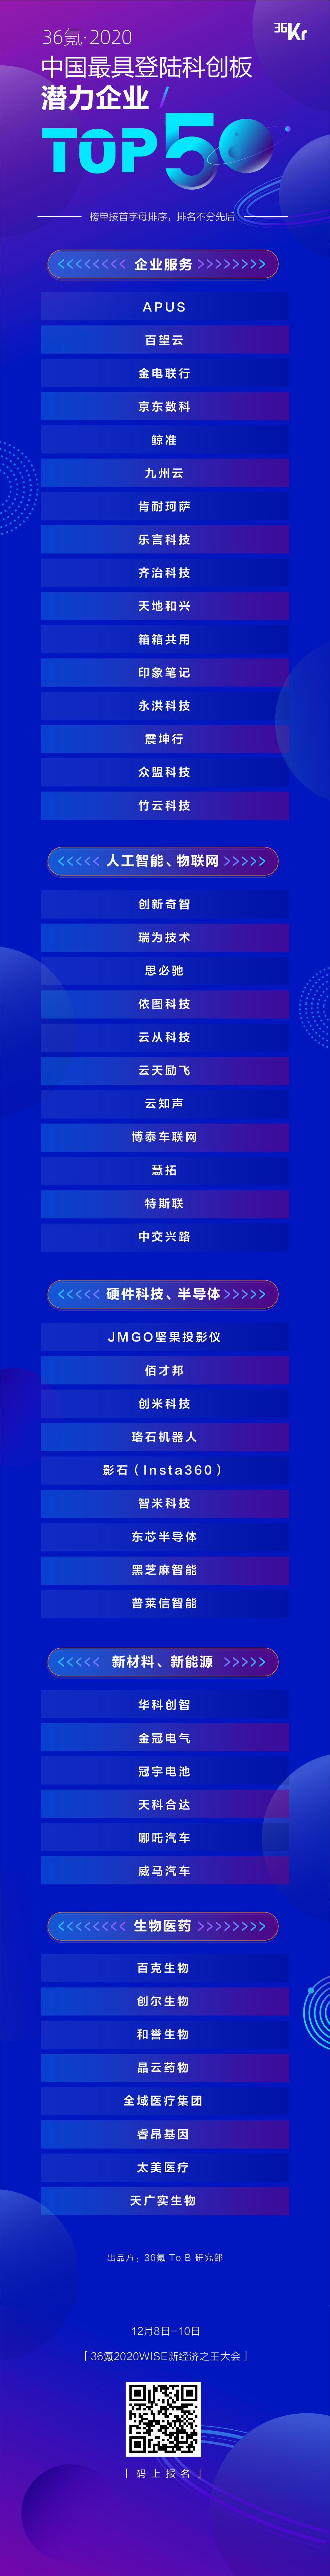 重磅发布!36氪2020年度中国最具登陆科创板潜力企业TOP50榜单揭晓